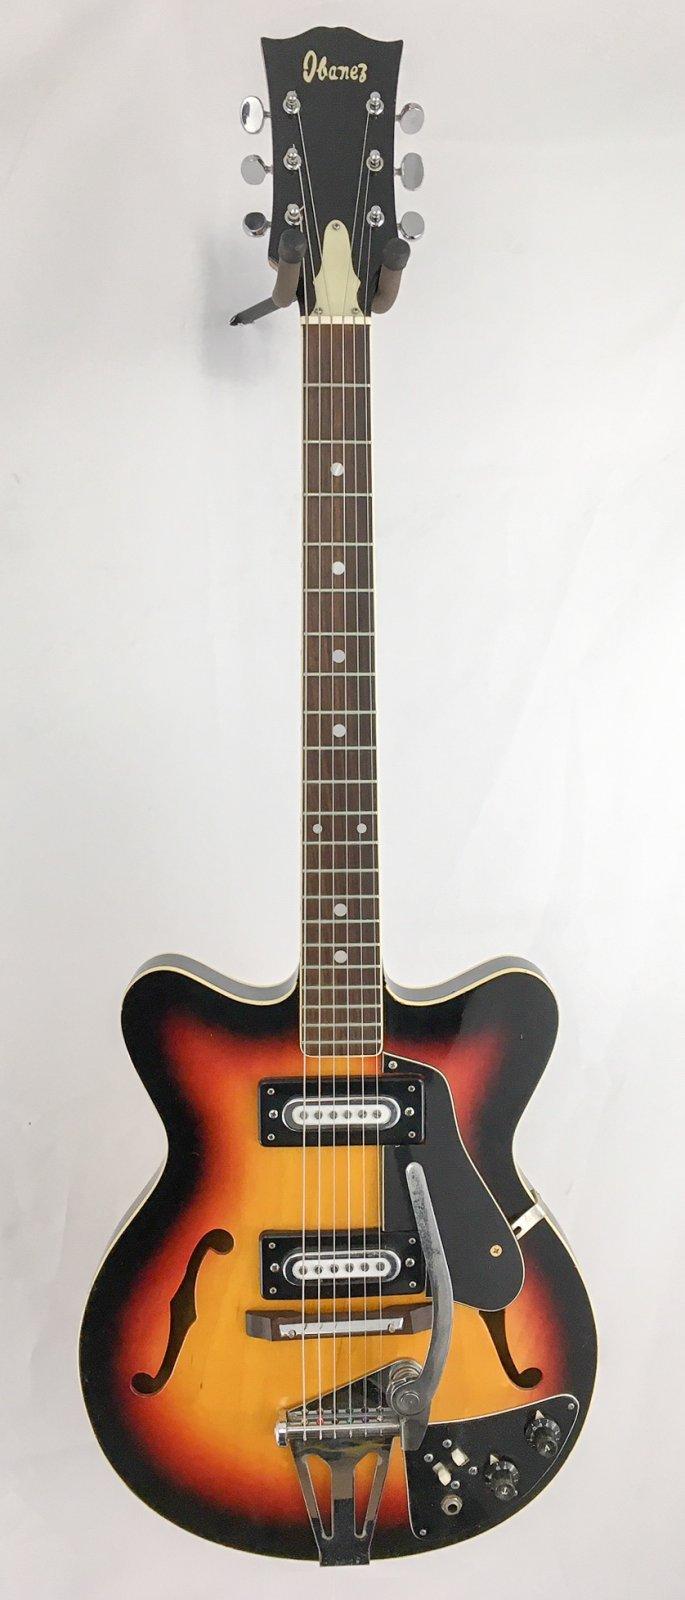 Vintage 1968 Ibanez 496 CSB